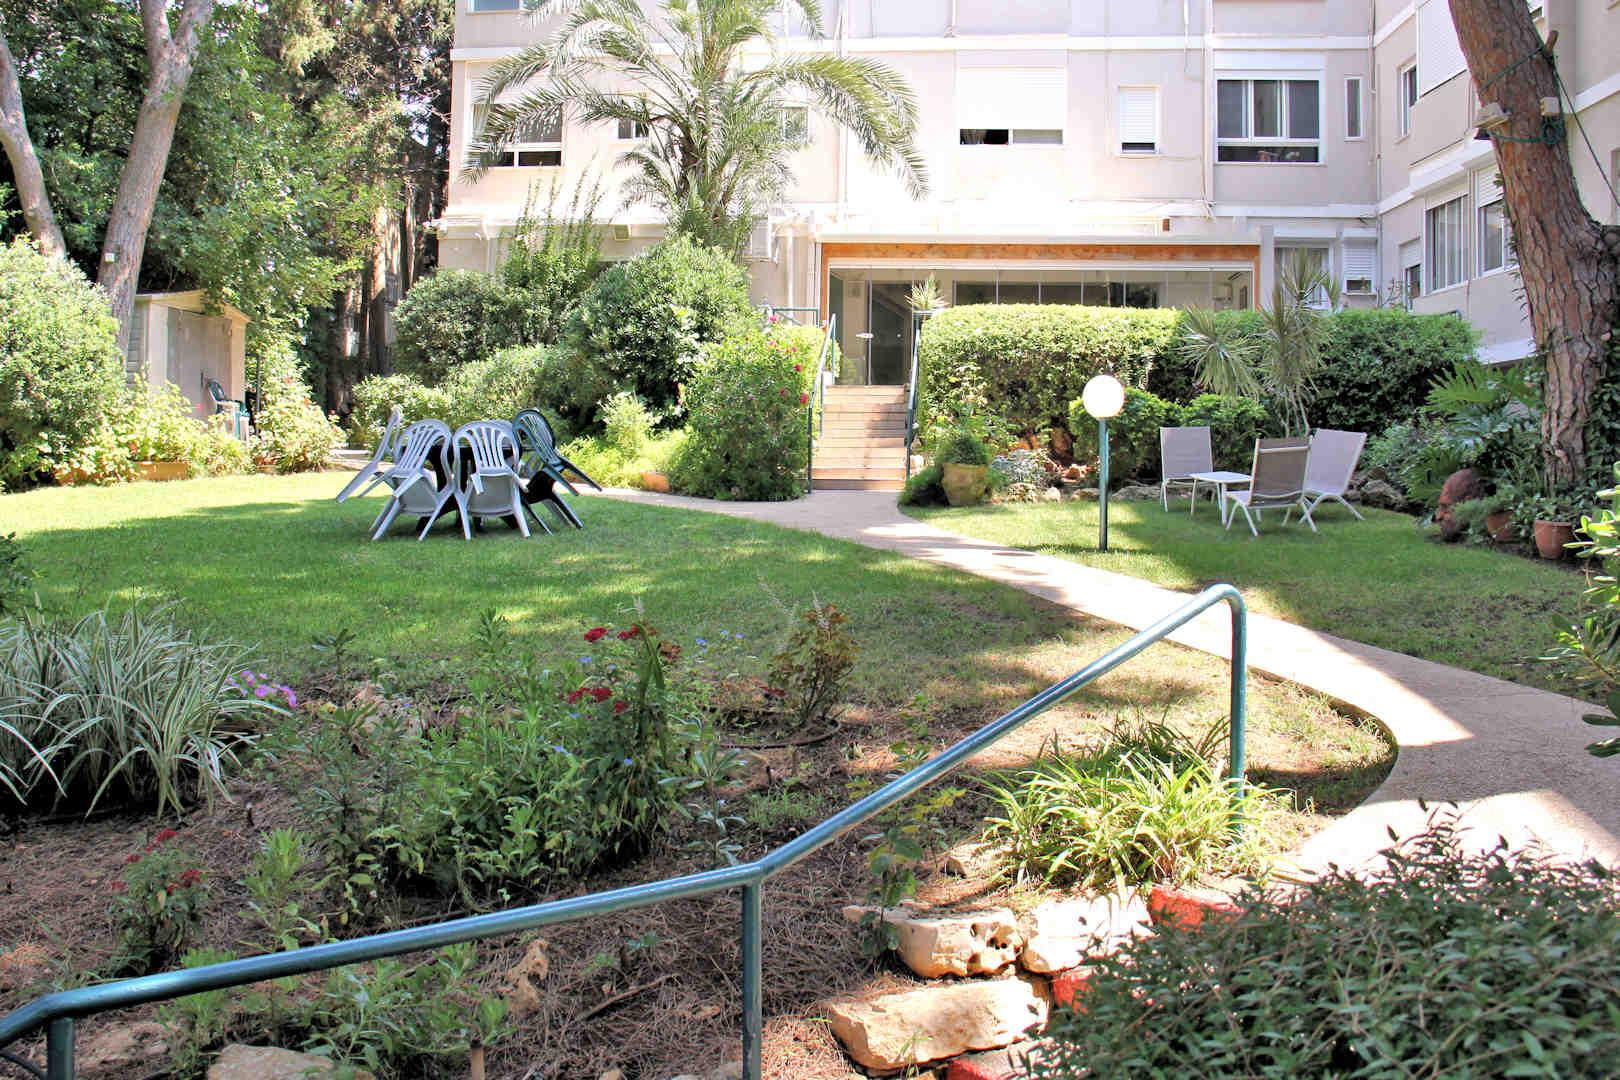 בית הורים רעות התשבי חצר